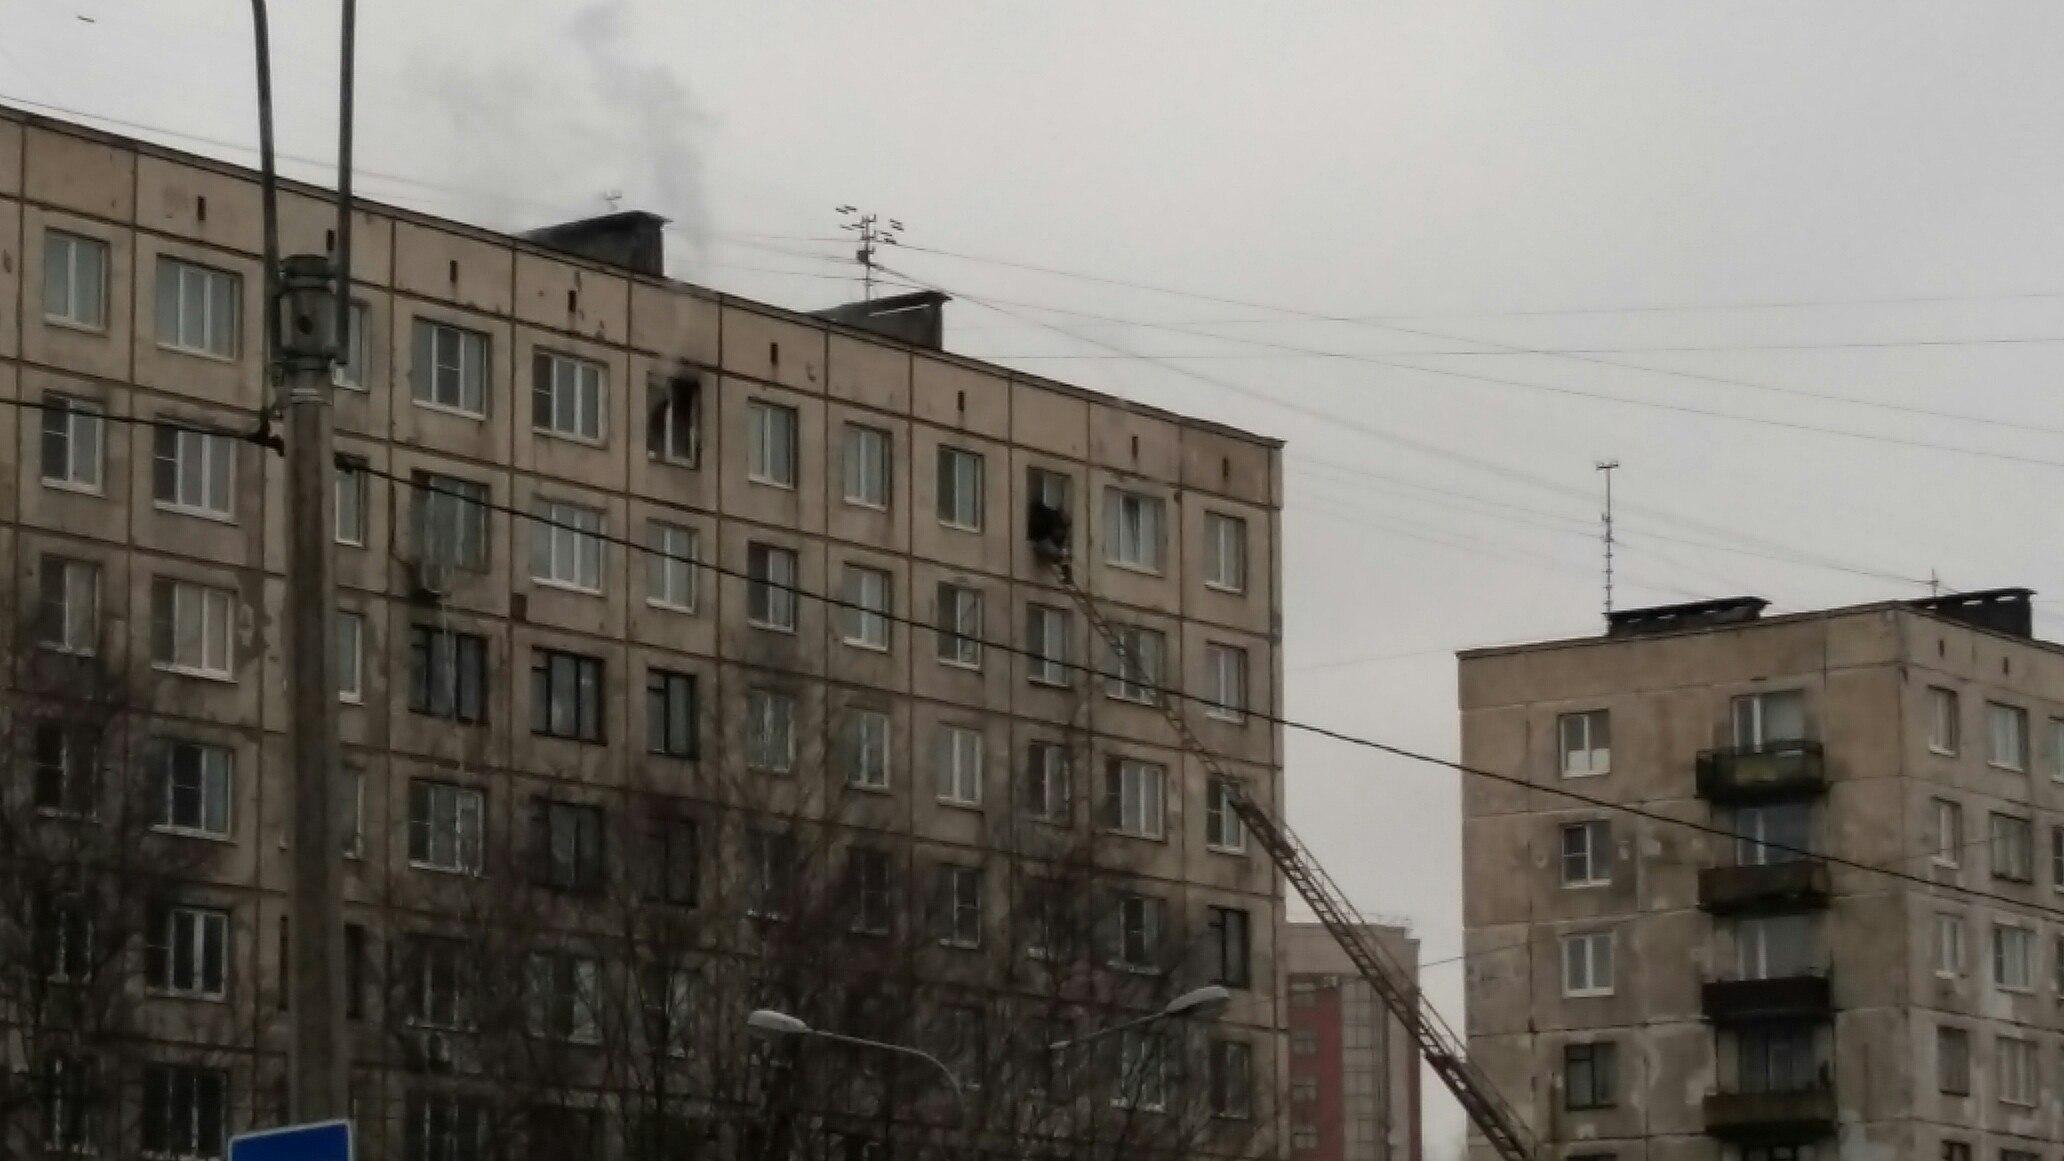 Горящую квартиру наЗаневском проспекте тушили 23 спасателя